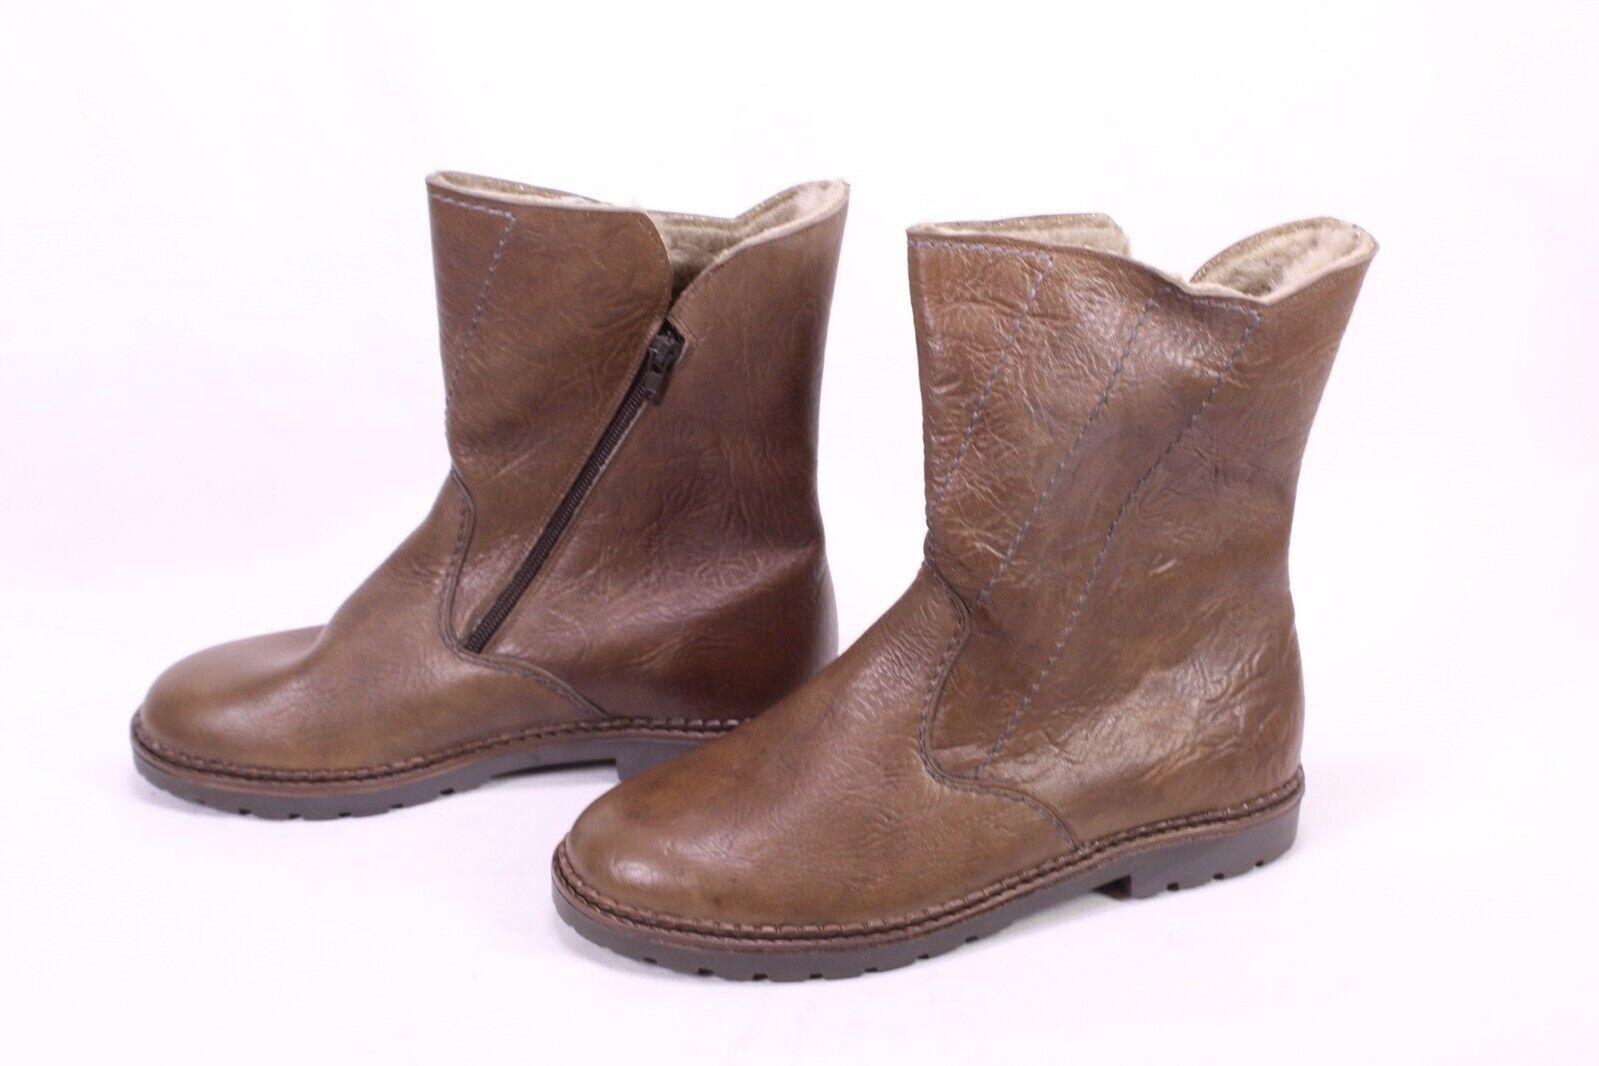 C152 Warme Stiefel Stiefeletten Gr. 40 Leder braun Vintage gefüttert ungetragen